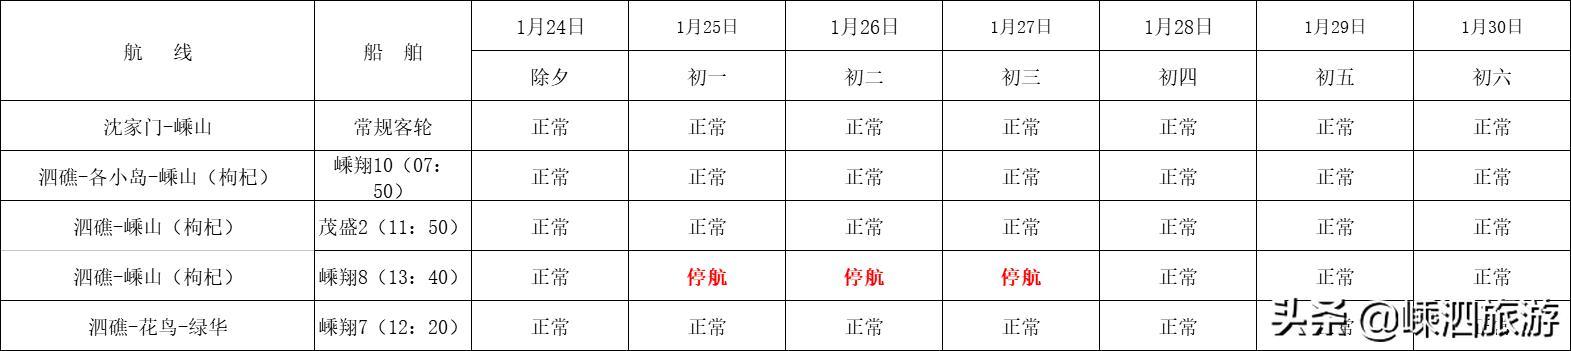 67058bc36f864370a951fc4852eb7607.jpg